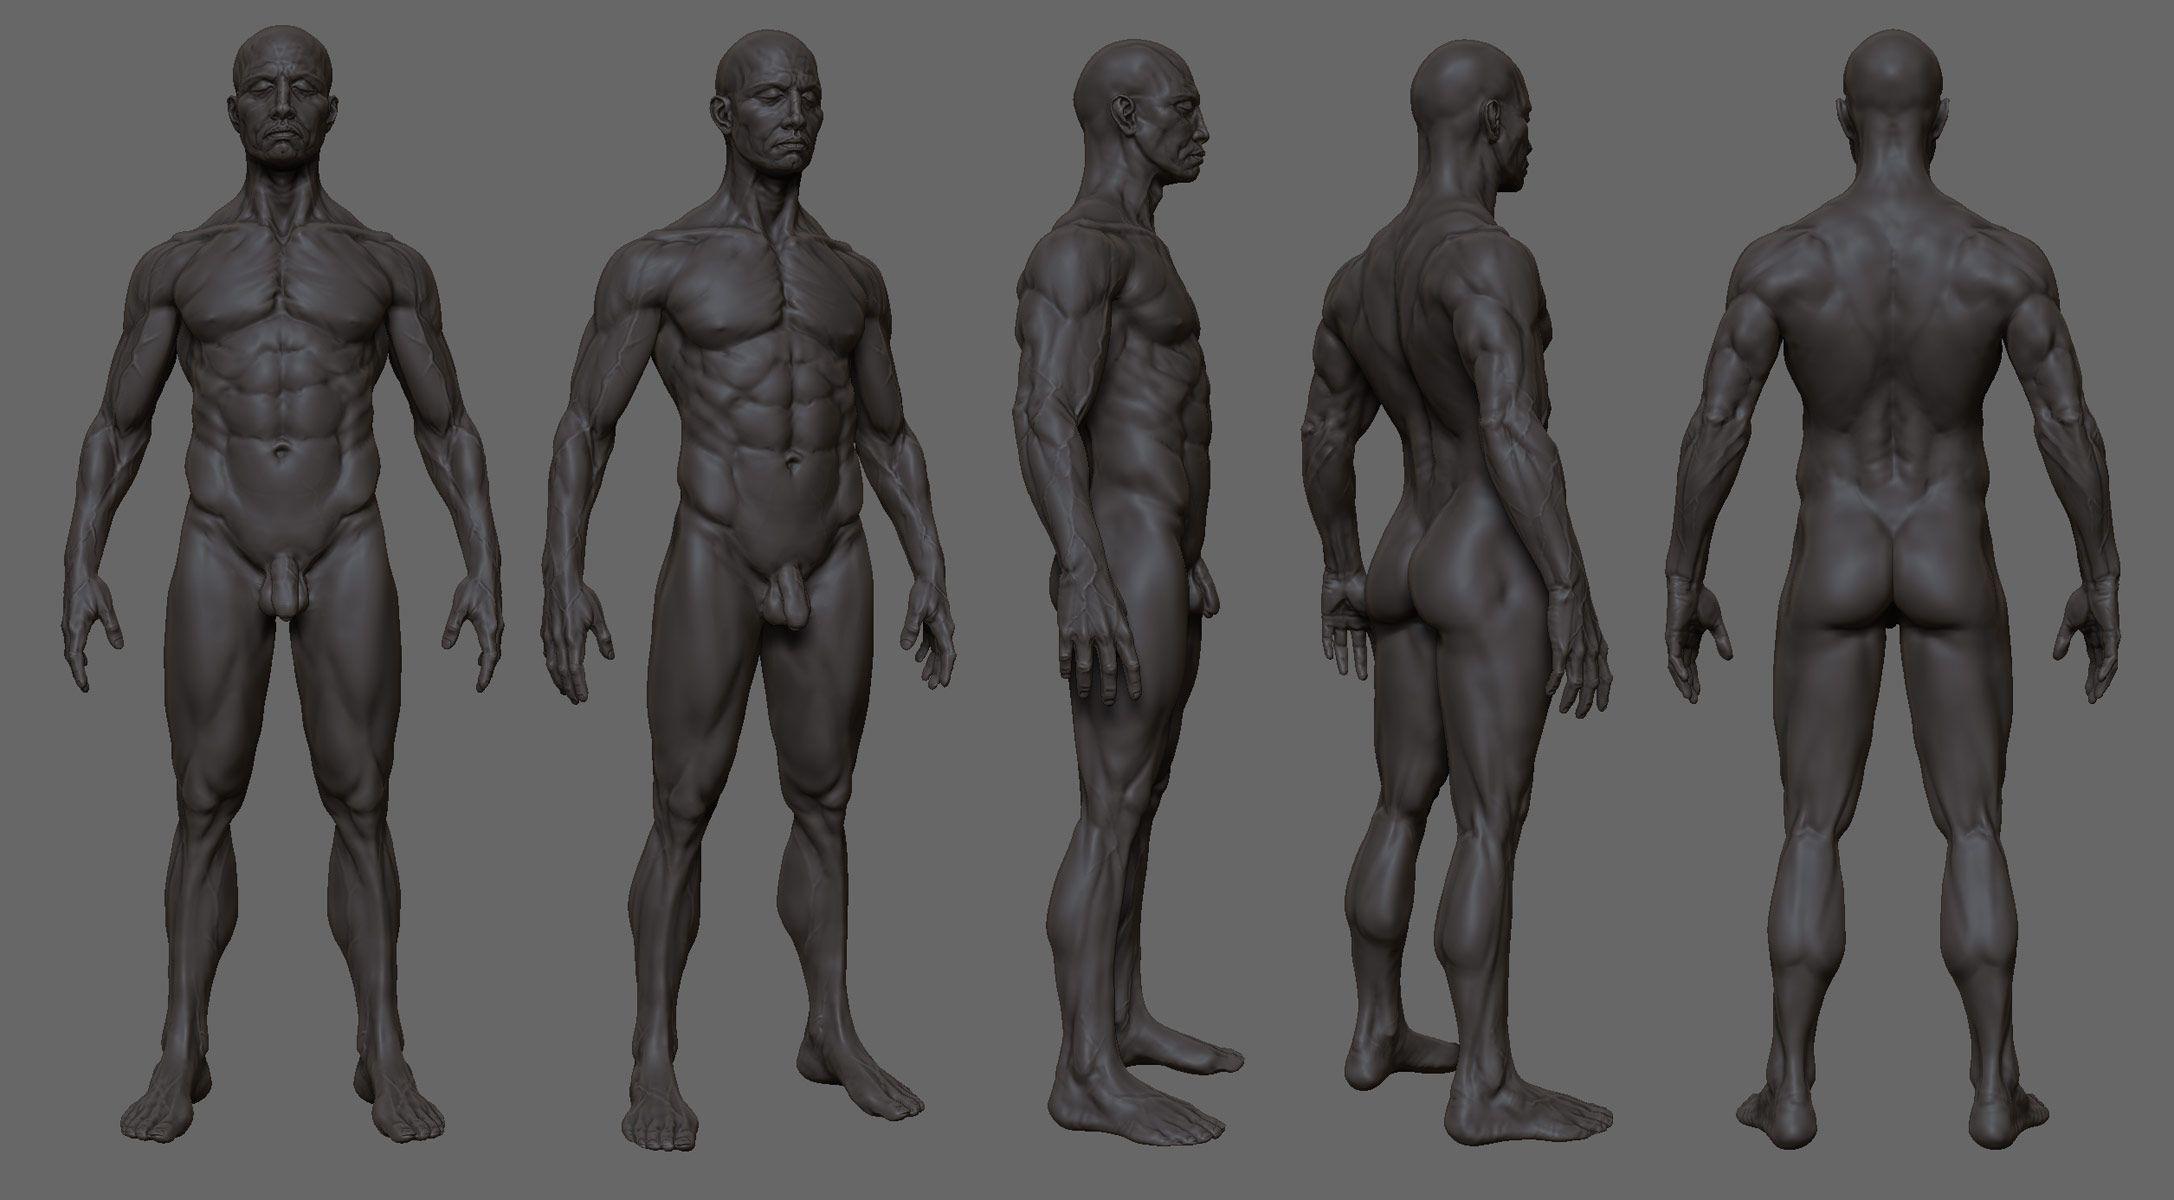 man anatomy - Google-Suche | Illustration & Sketch (Men) | Pinterest ...